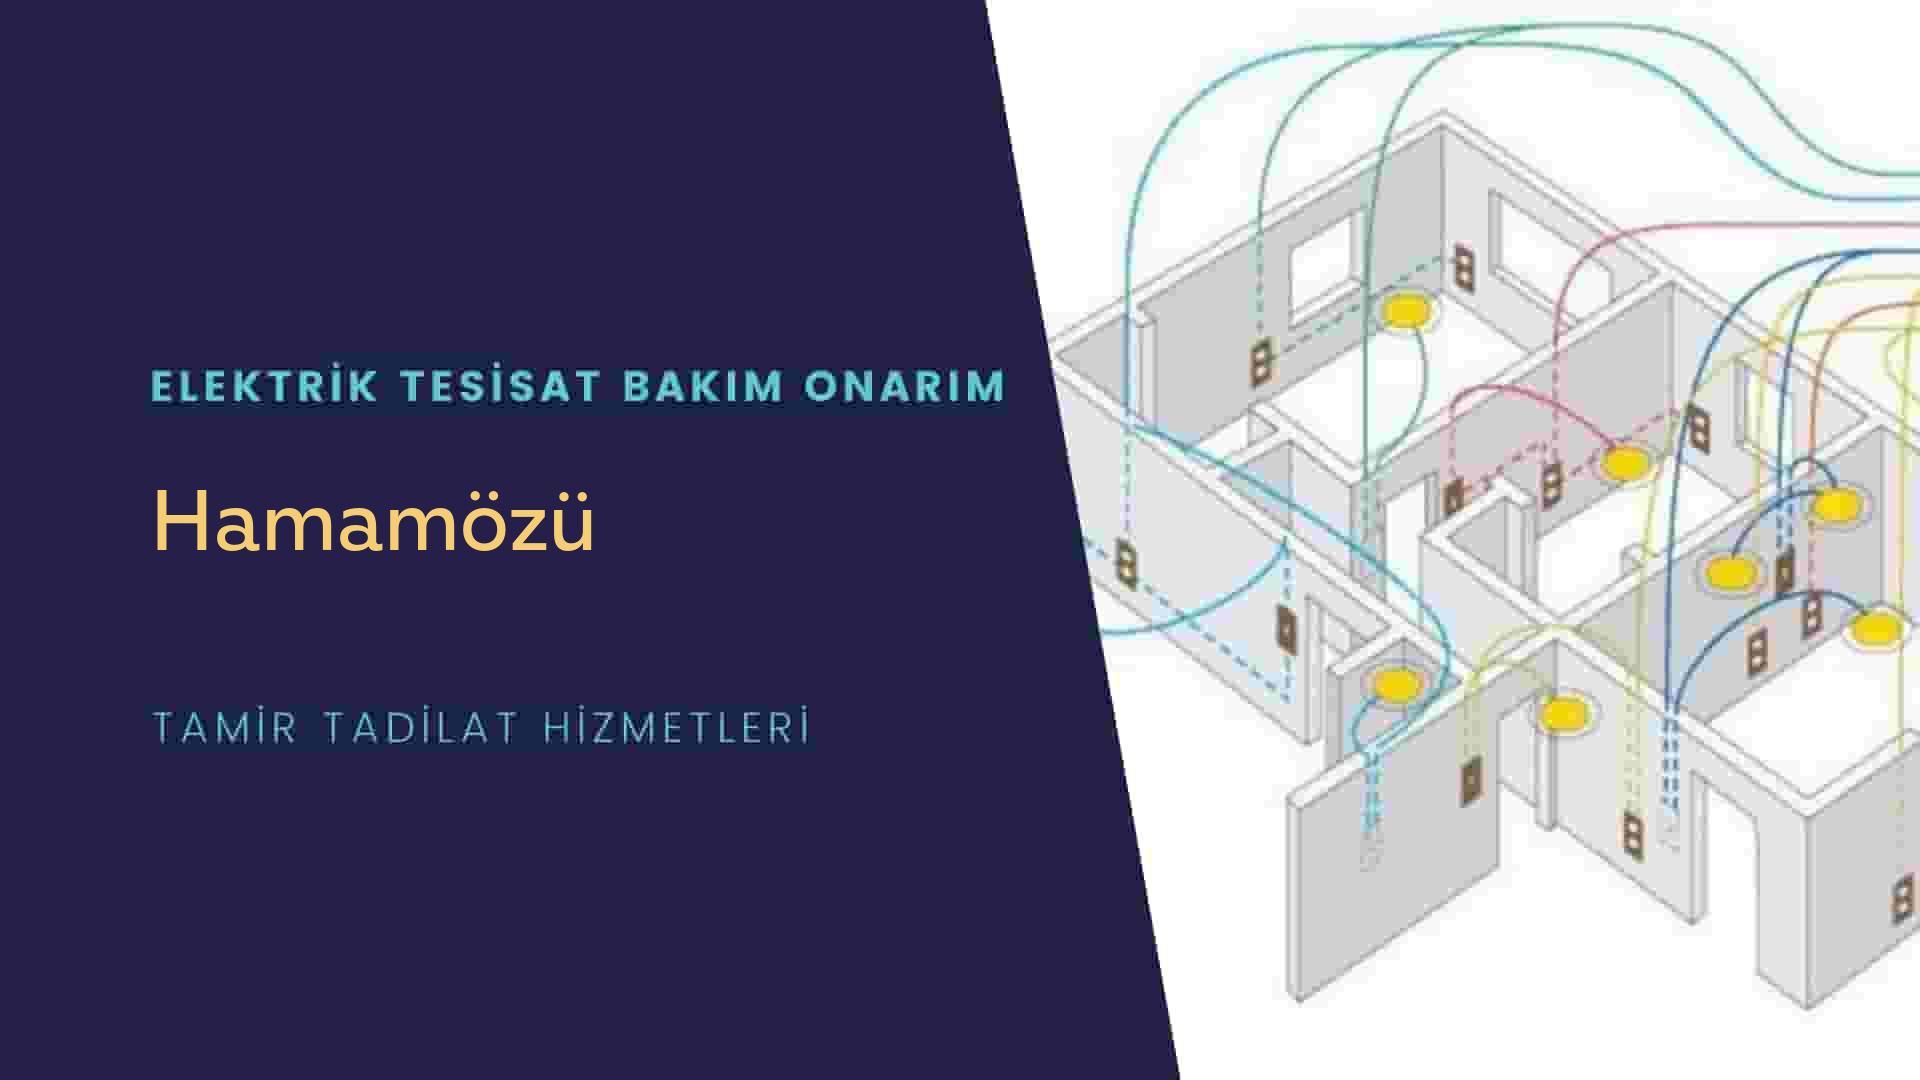 Hamamözü'nda elektrik tesisatıustalarımı arıyorsunuz doğru adrestenizi Hamamözü elektrik tesisatı ustalarımız 7/24 sizlere hizmet vermekten mutluluk duyar.